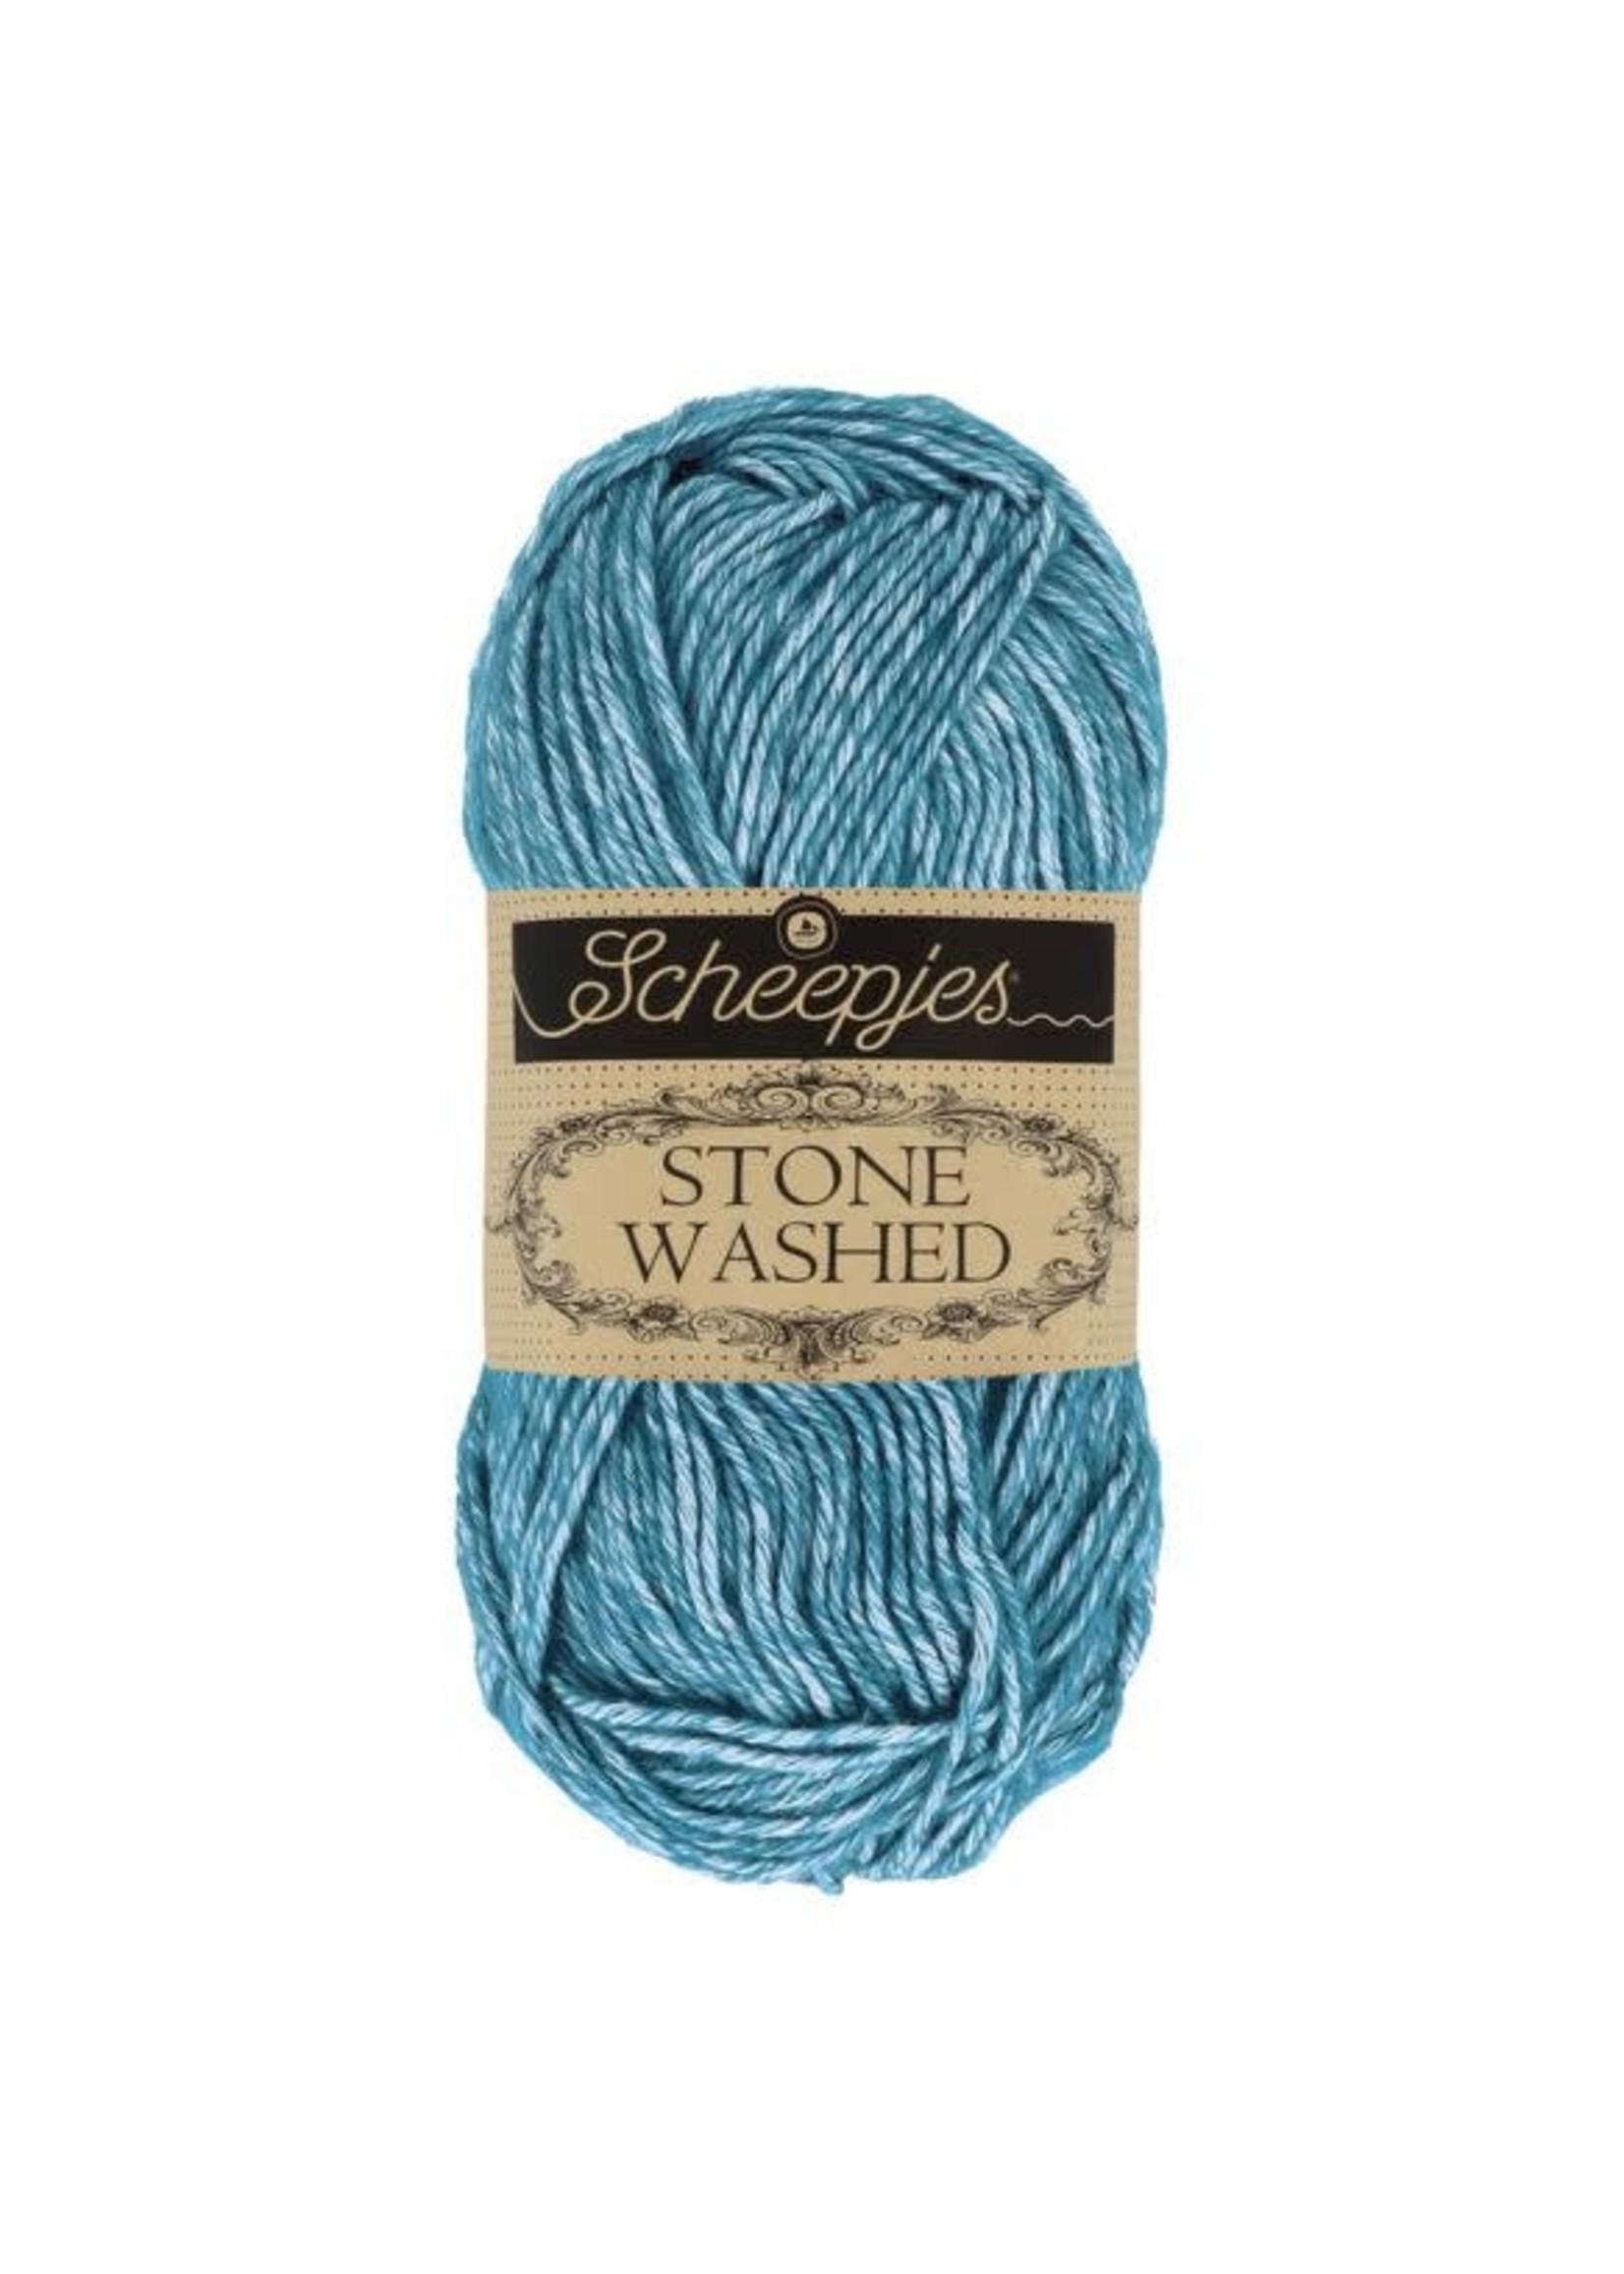 Scheepjes Stone Washed 50gr - 805 Blue Apatite